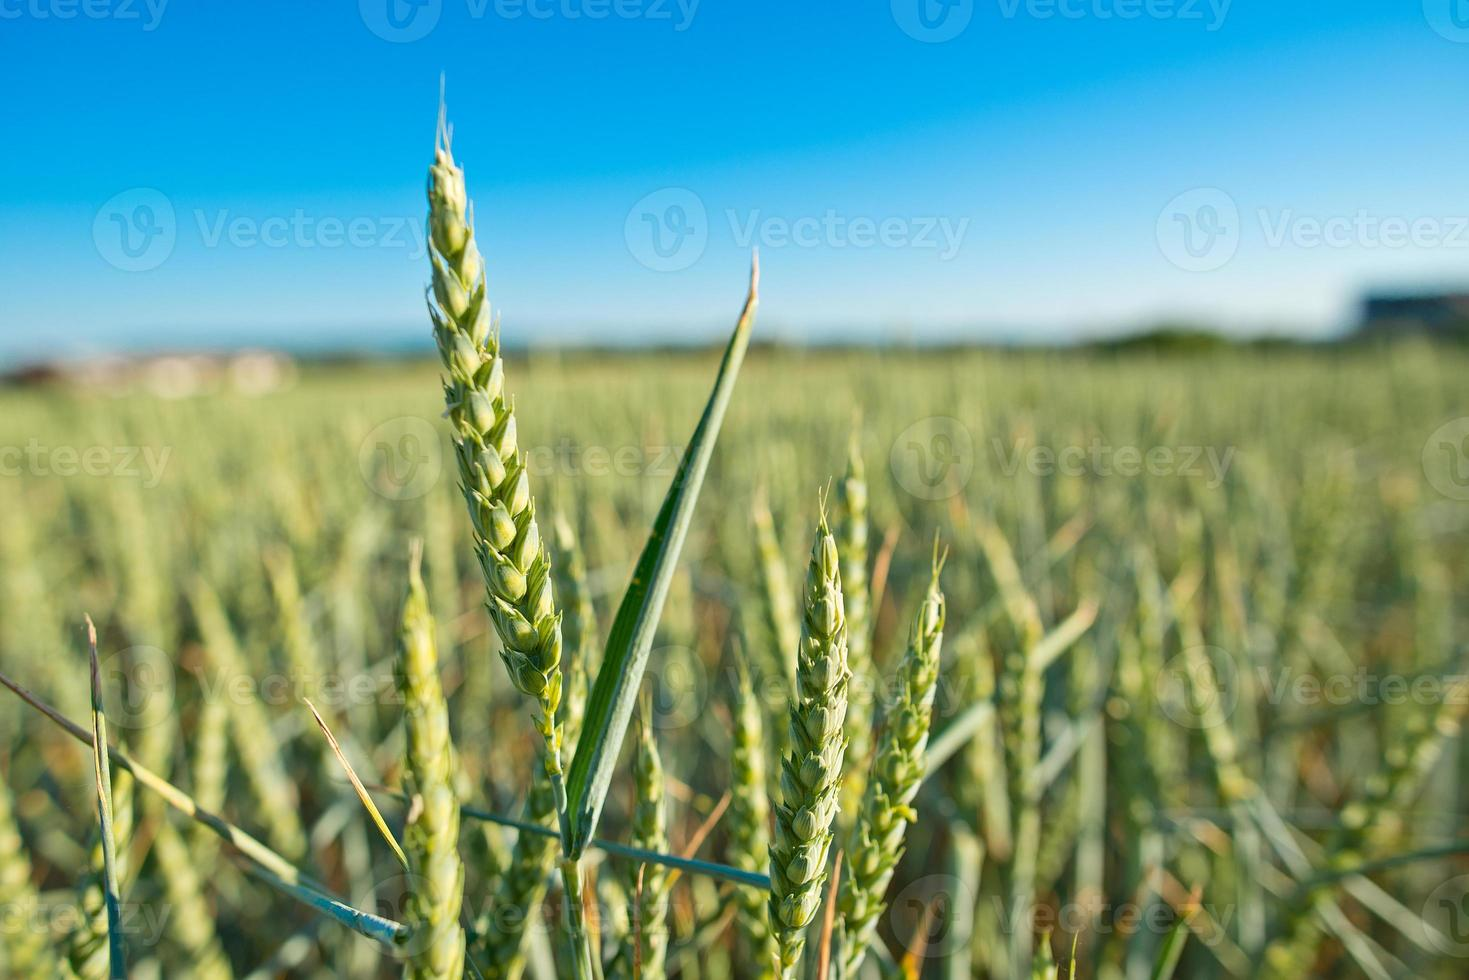 dettaglio del campo di grano foto